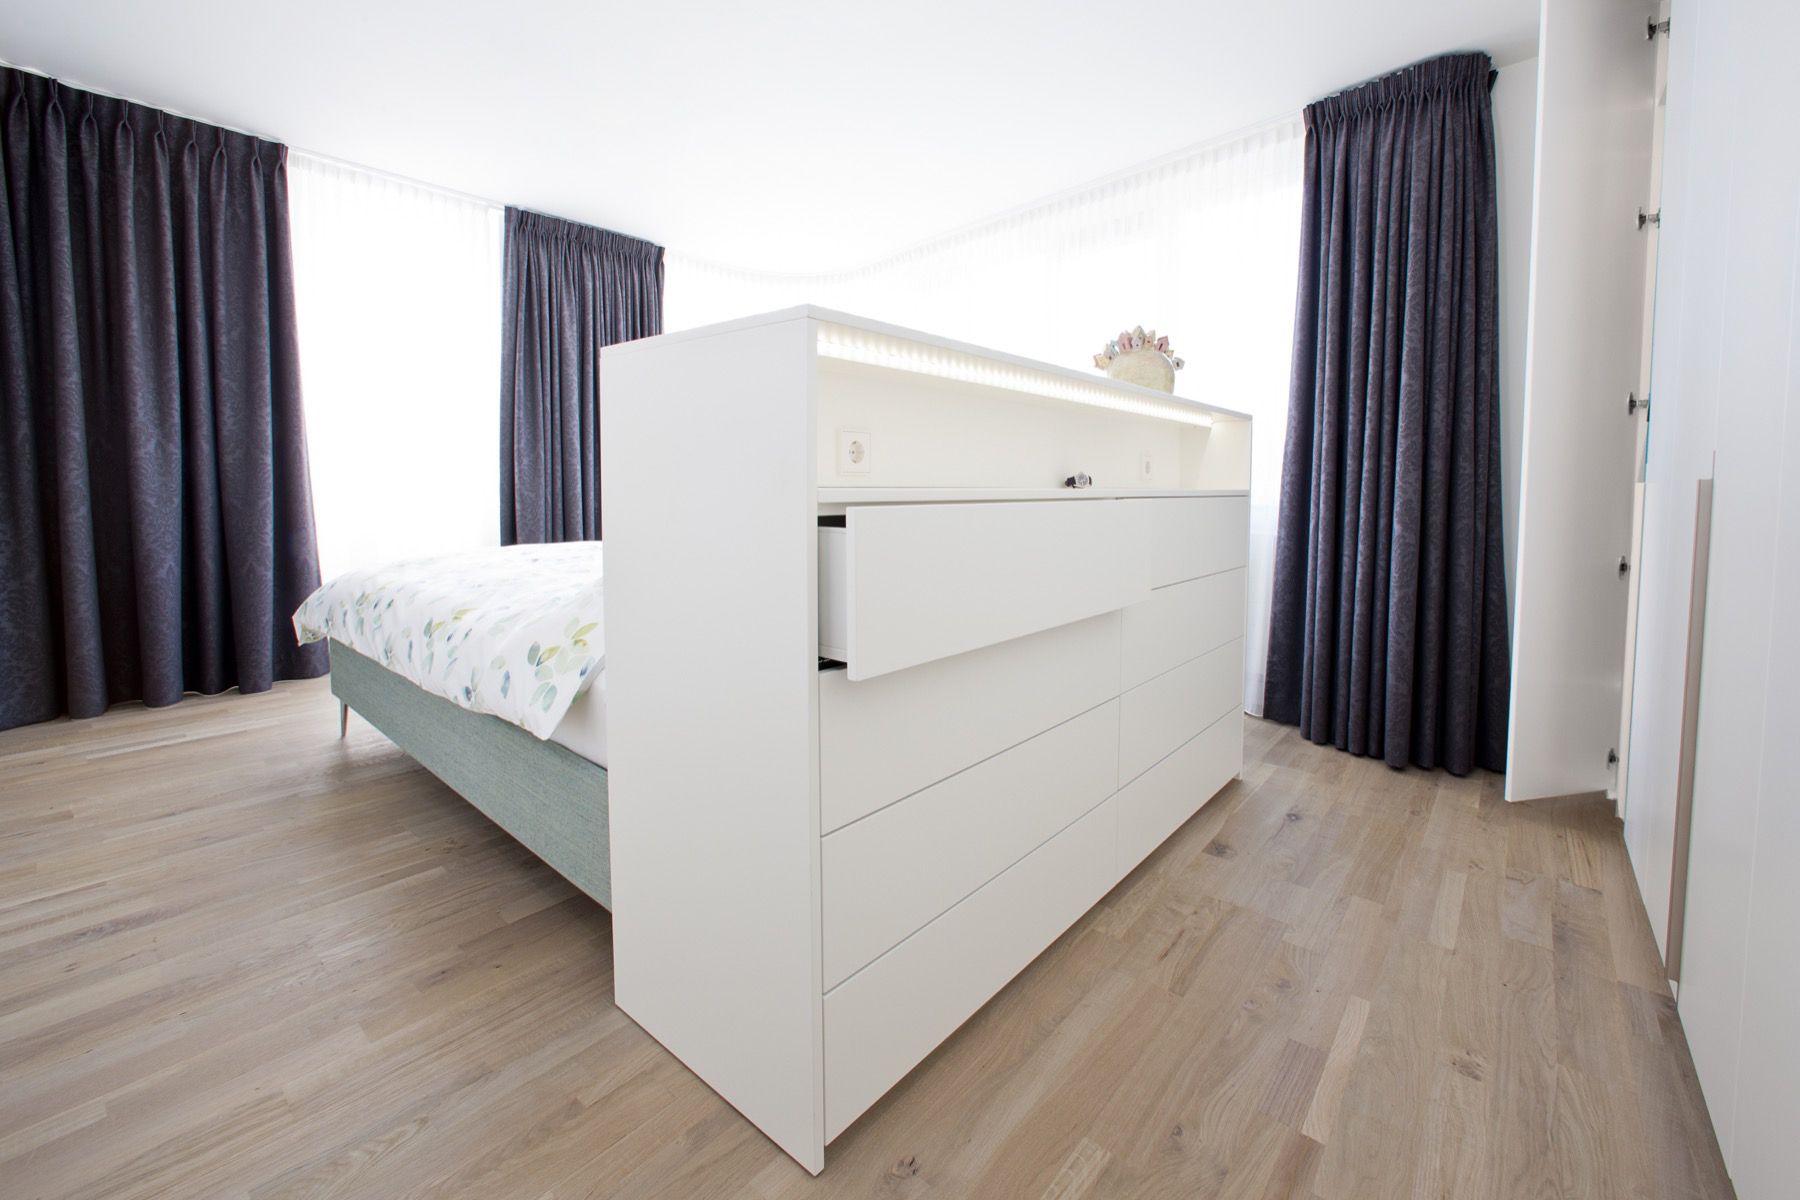 Ontwerp van functionele en stijlvolle slaapkamer indeling